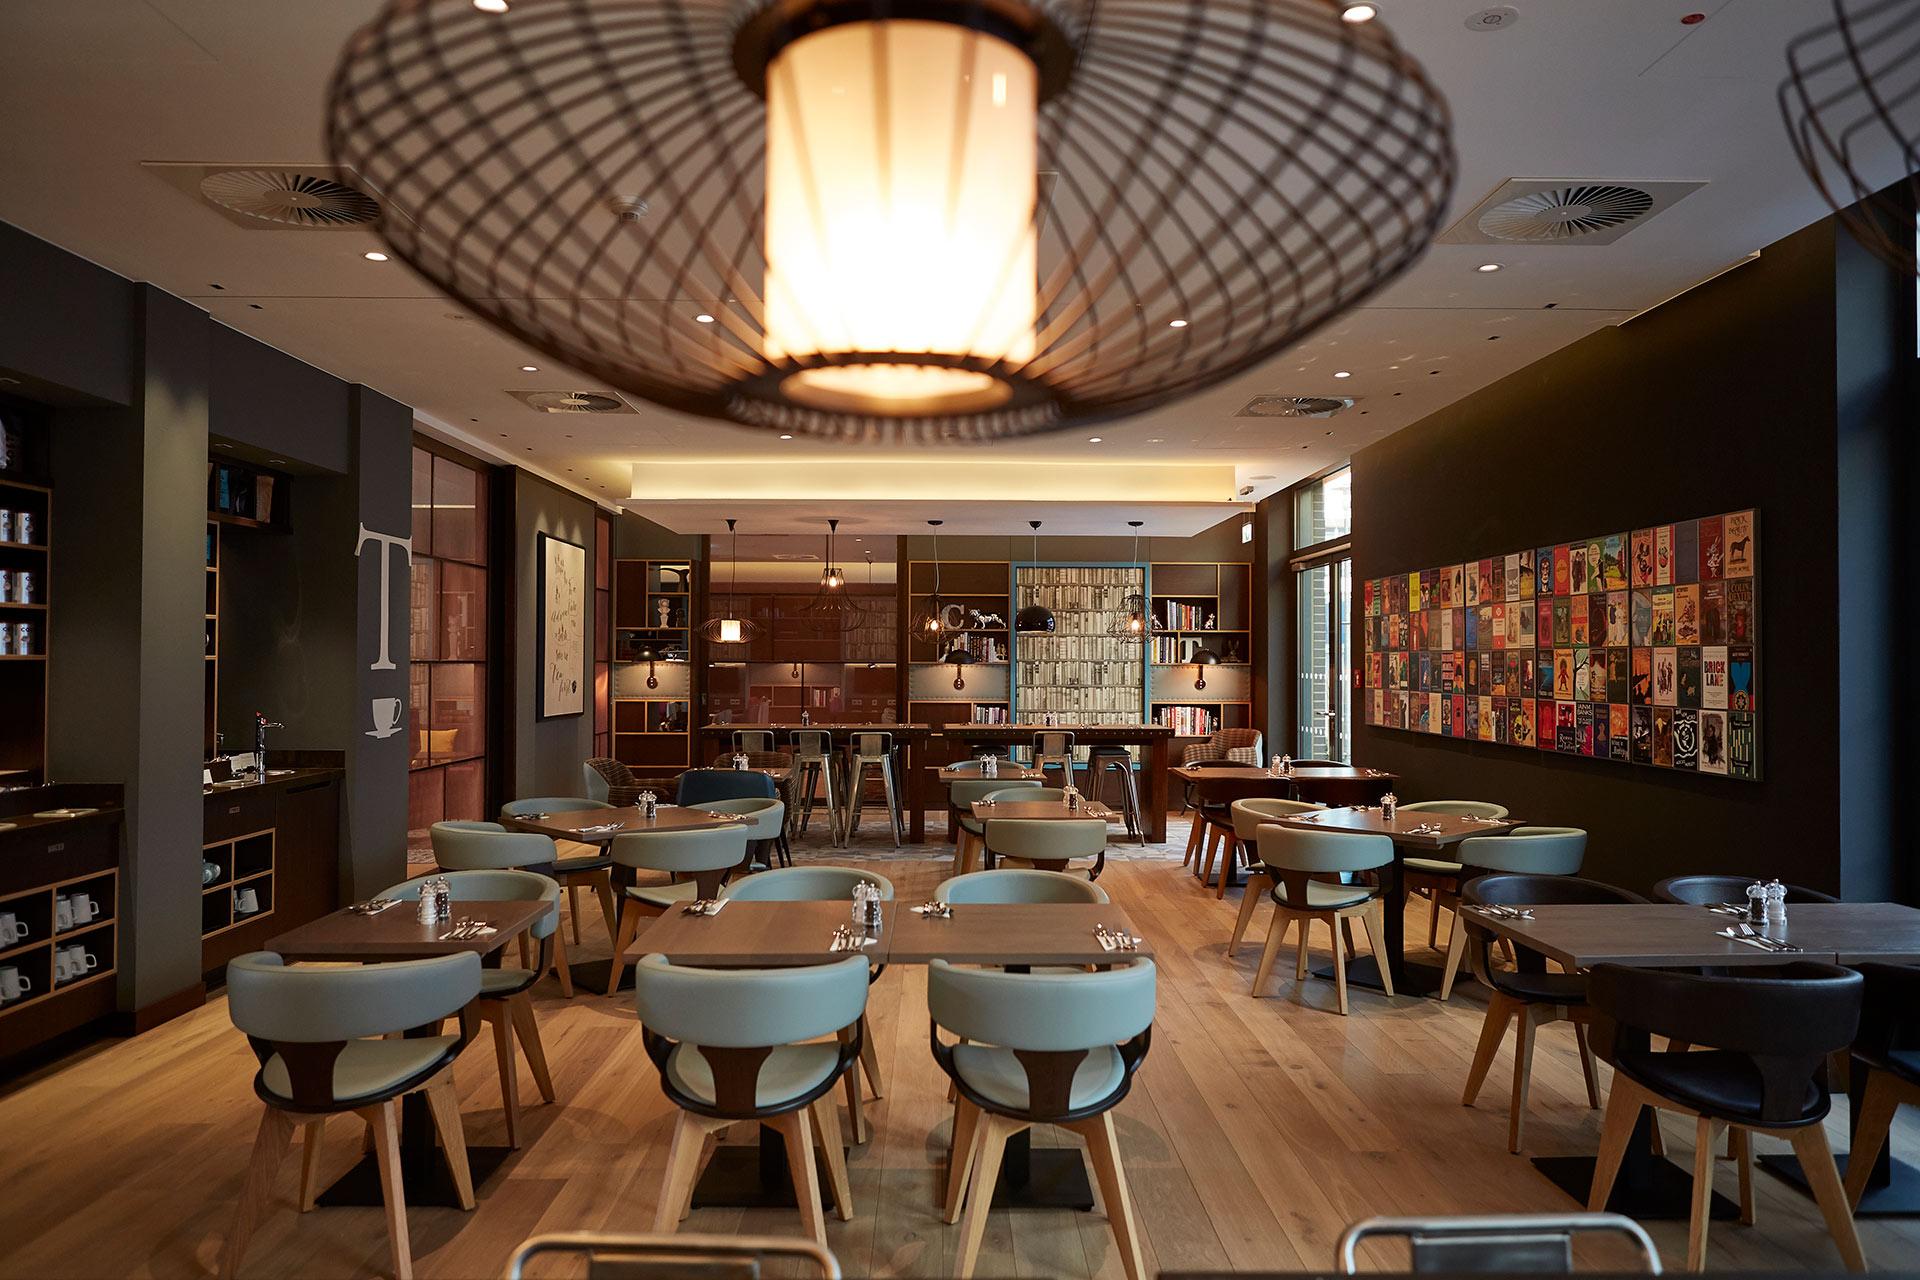 Das Restaurant im Hotel Premier Inn in Frankfurt. Entworfen von JOI-Design